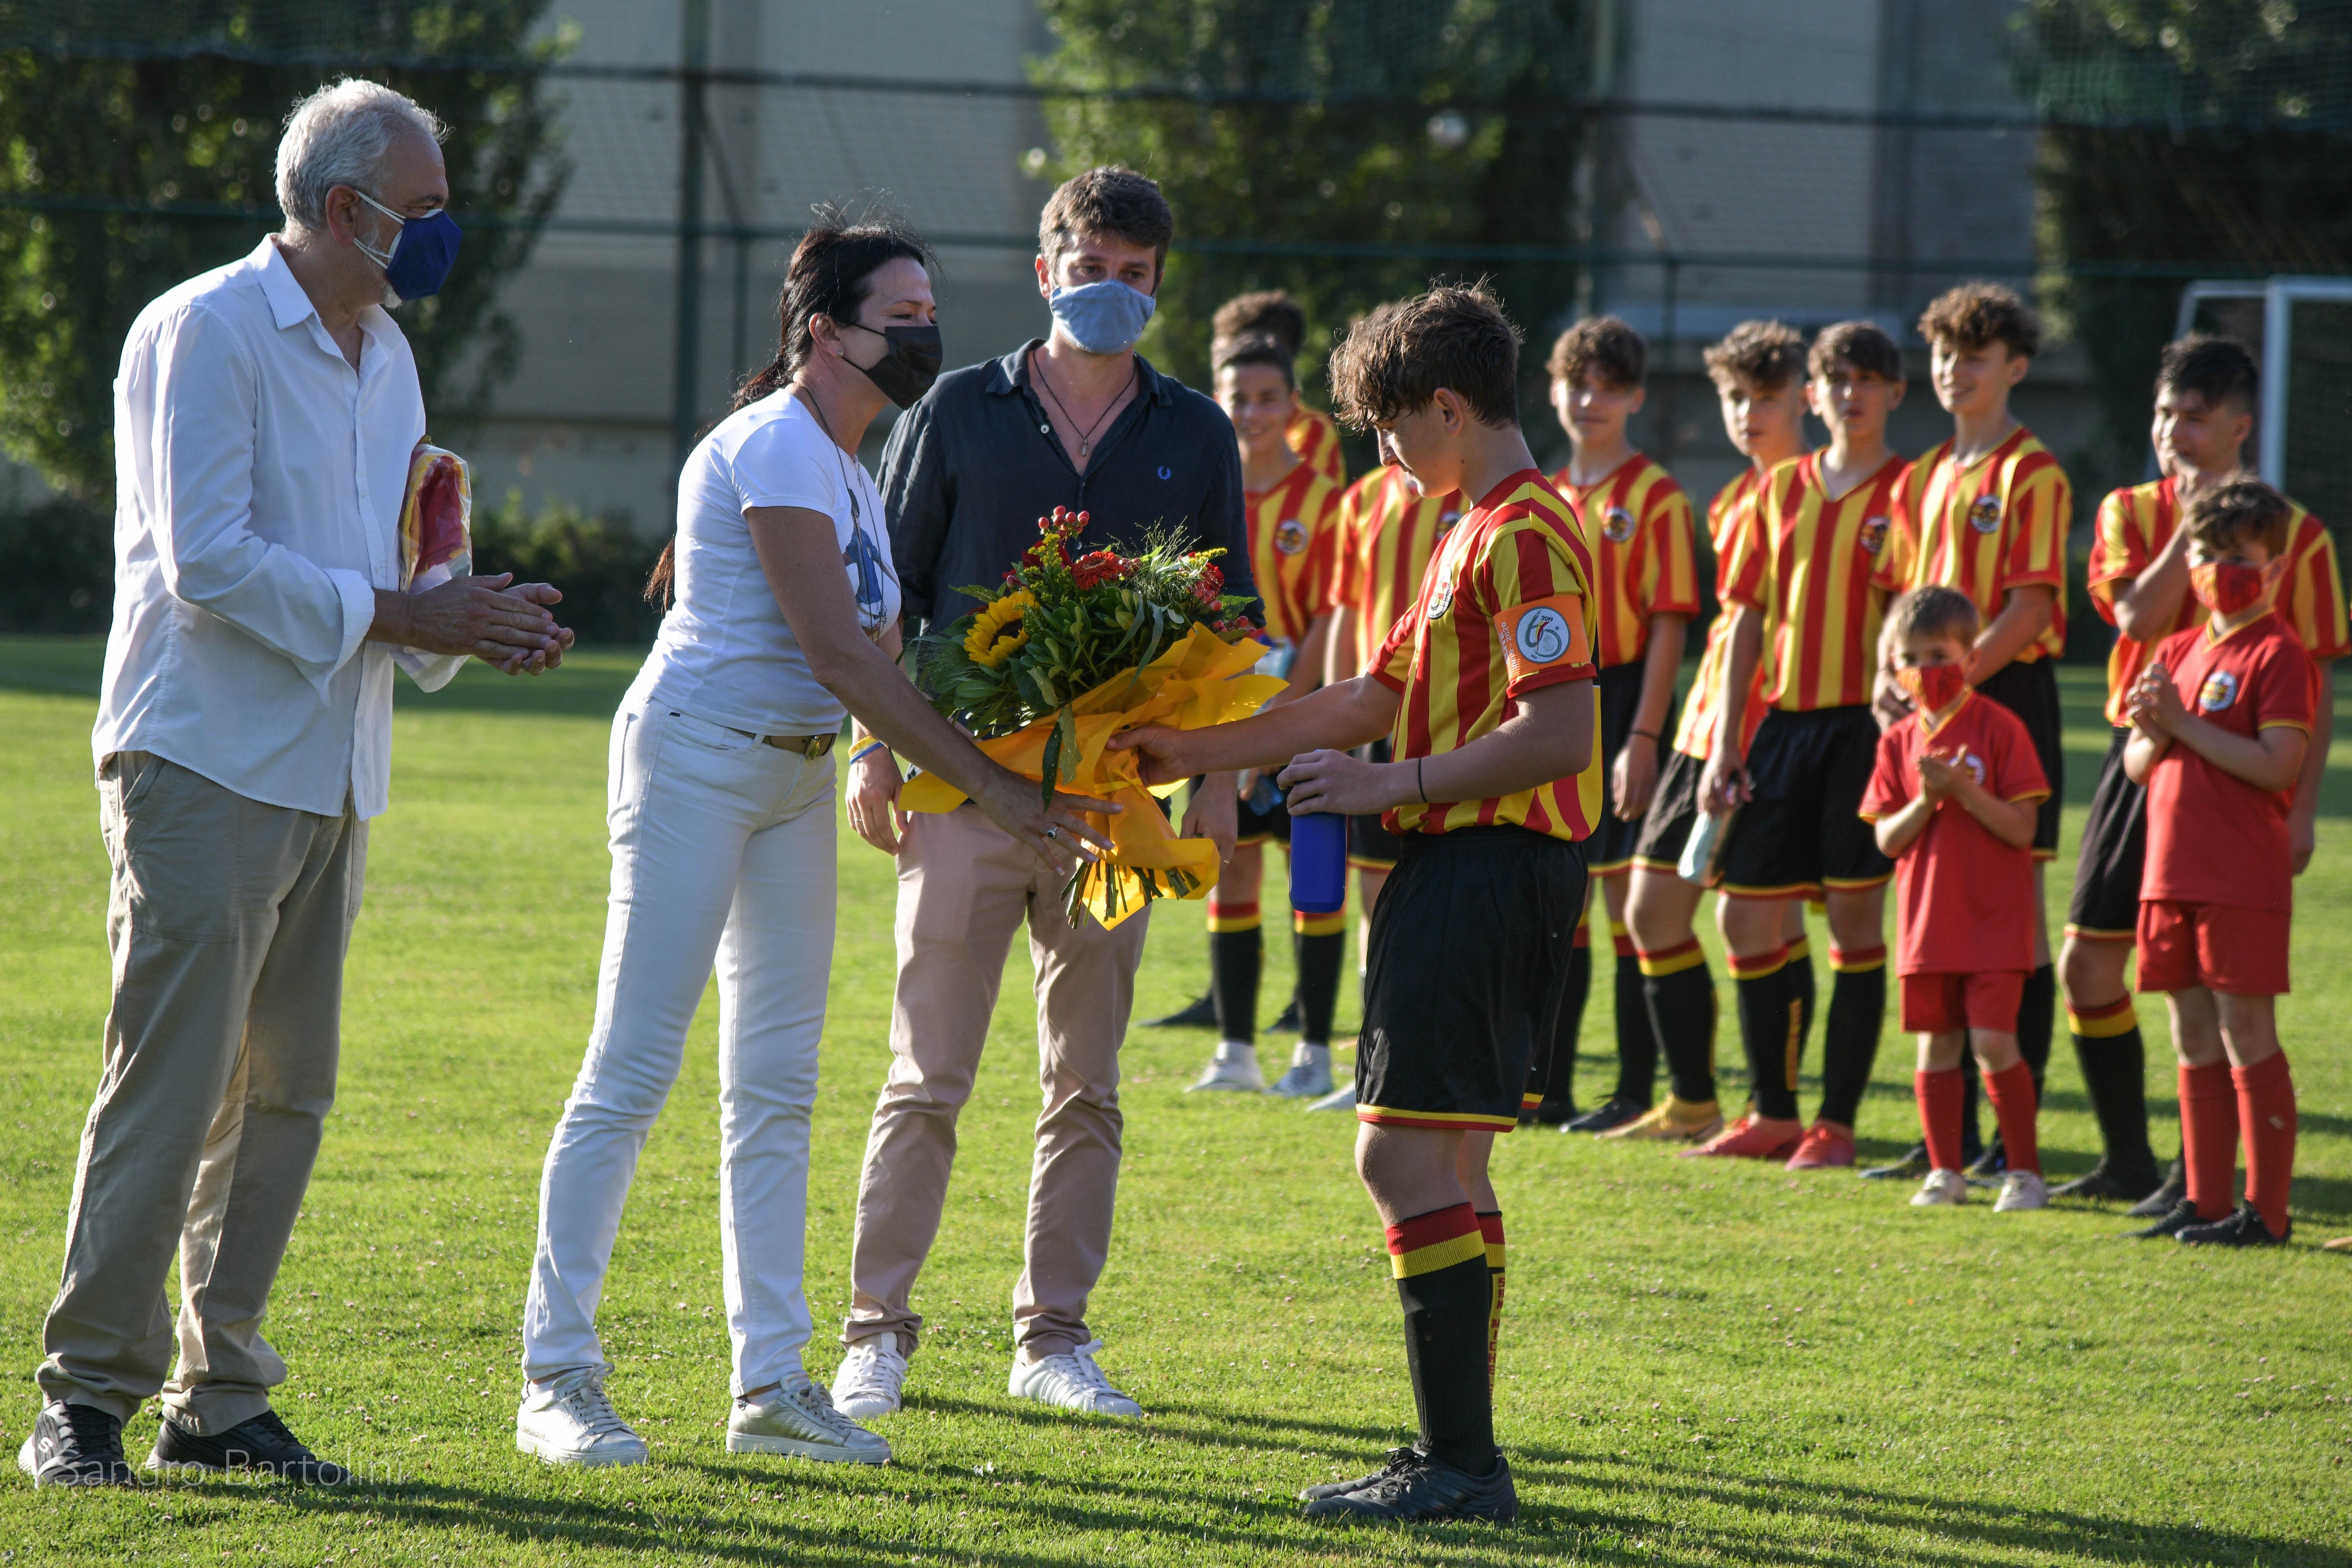 Una splendida serata per ricordare Paolo Rossi e inaugurare le Olimpiadi della Città Metropolitana